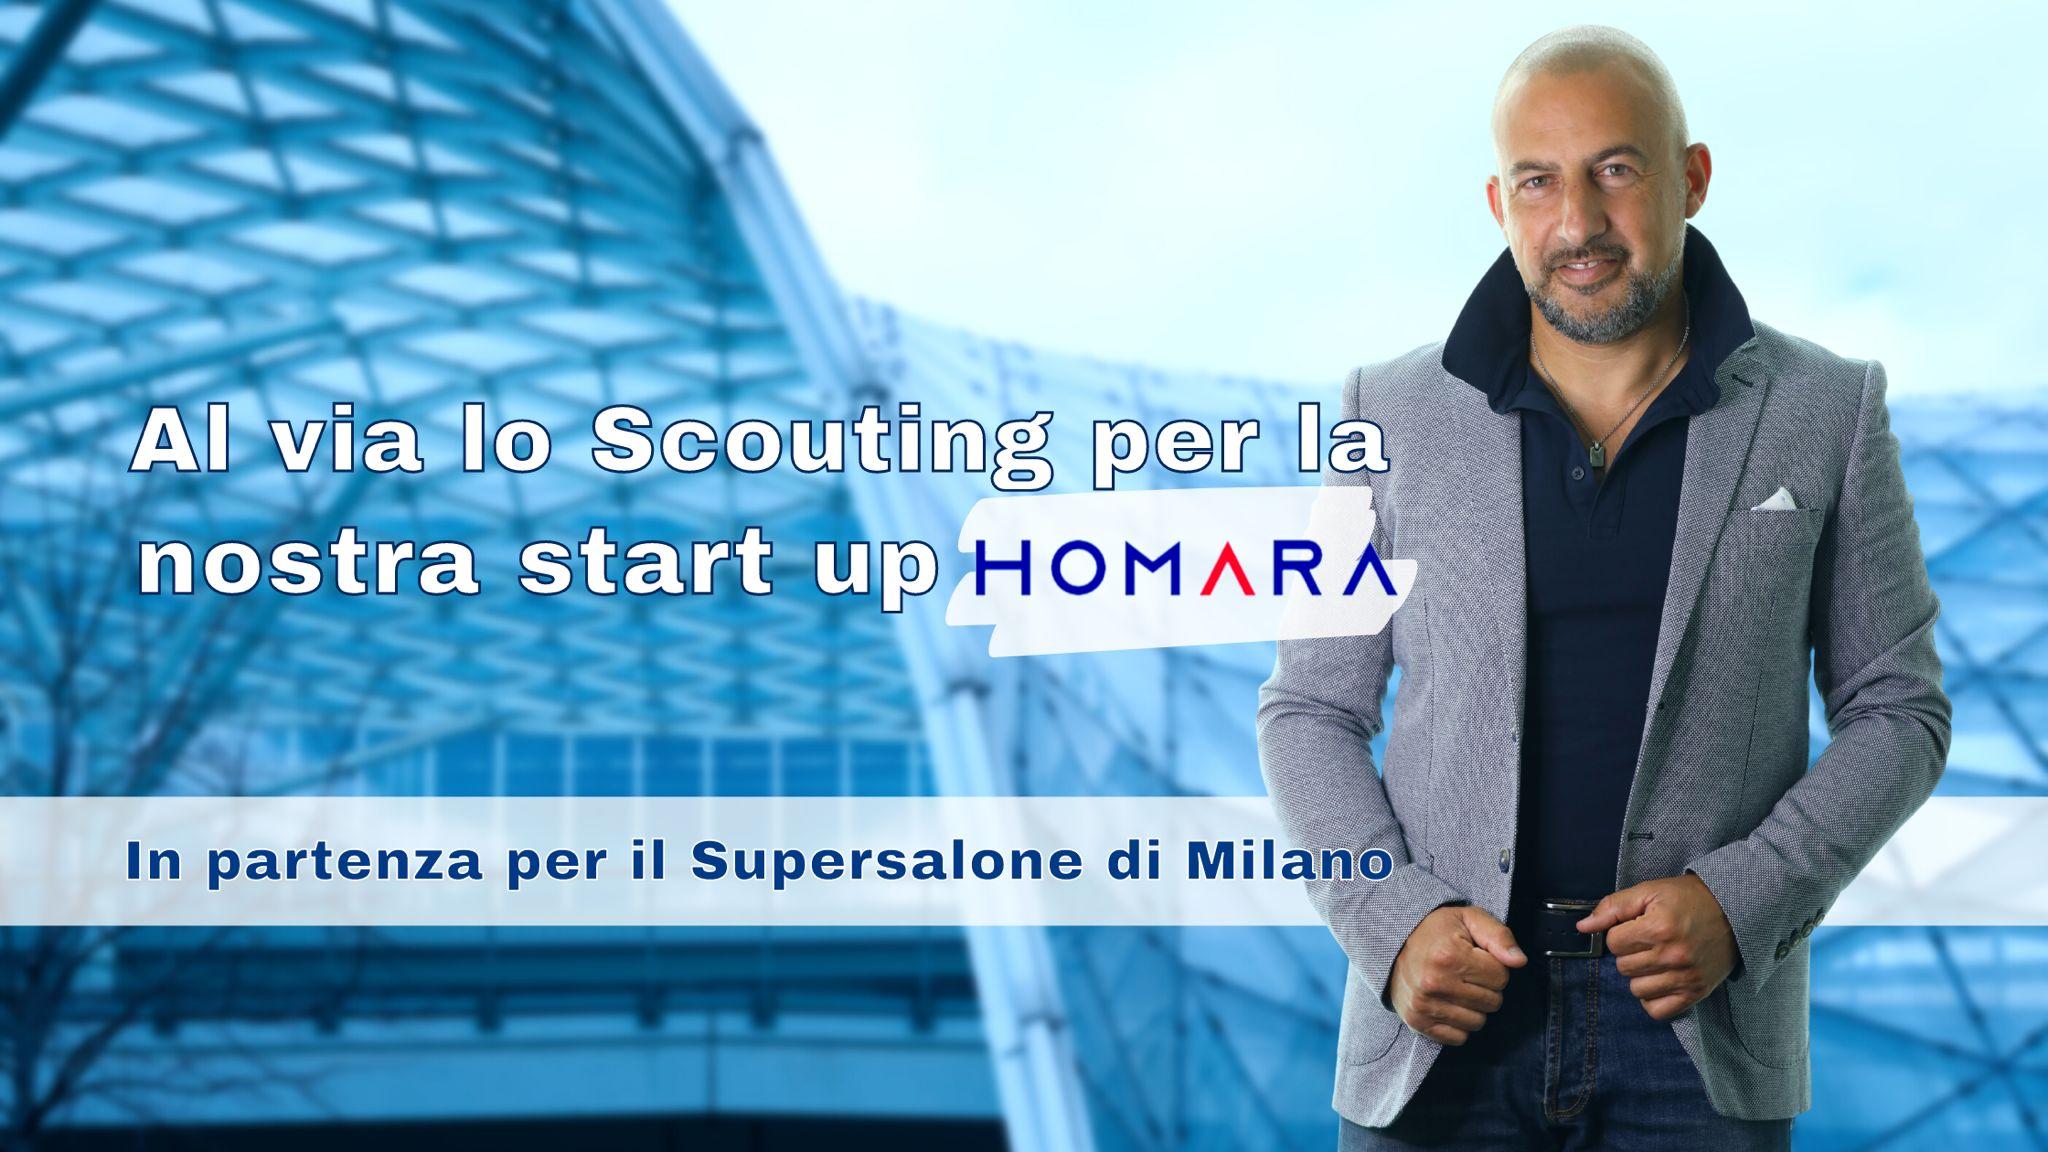 Al via lo Scouting per la nostra start up Homara. In partenza per il Supersalone di Milano